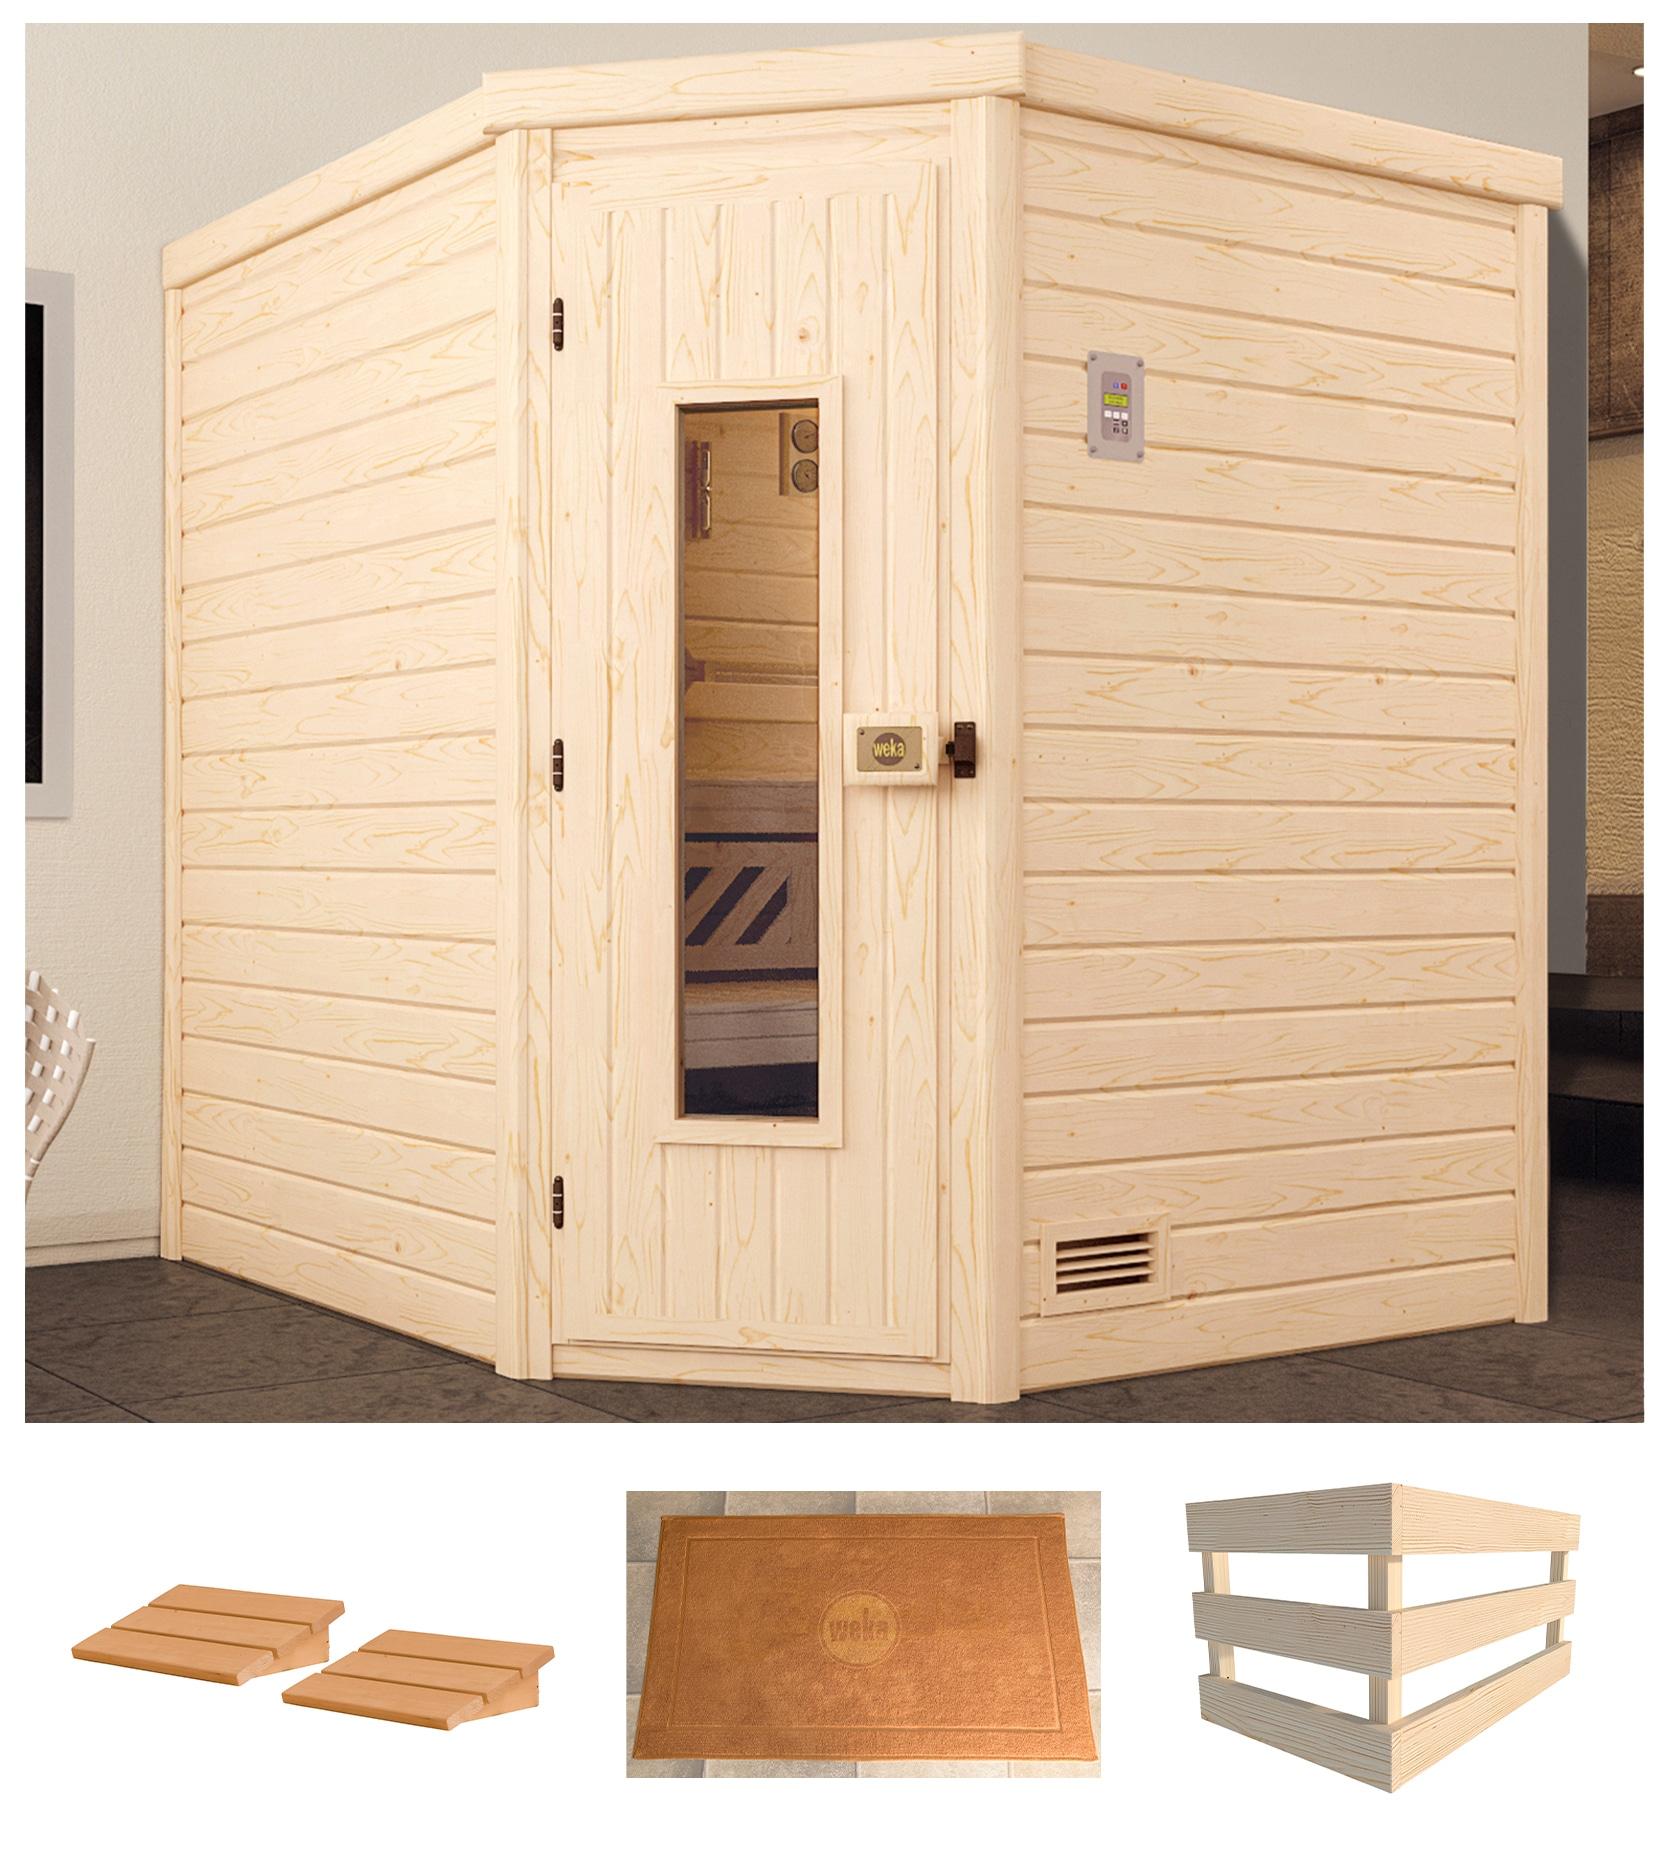 WEKA Sauna »Turku Eck Gr.1«, 195x195x204 cm, ohne Ofen, Holztür   Bad > Sauna & Zubehör > Saunen   Natur   WEKA